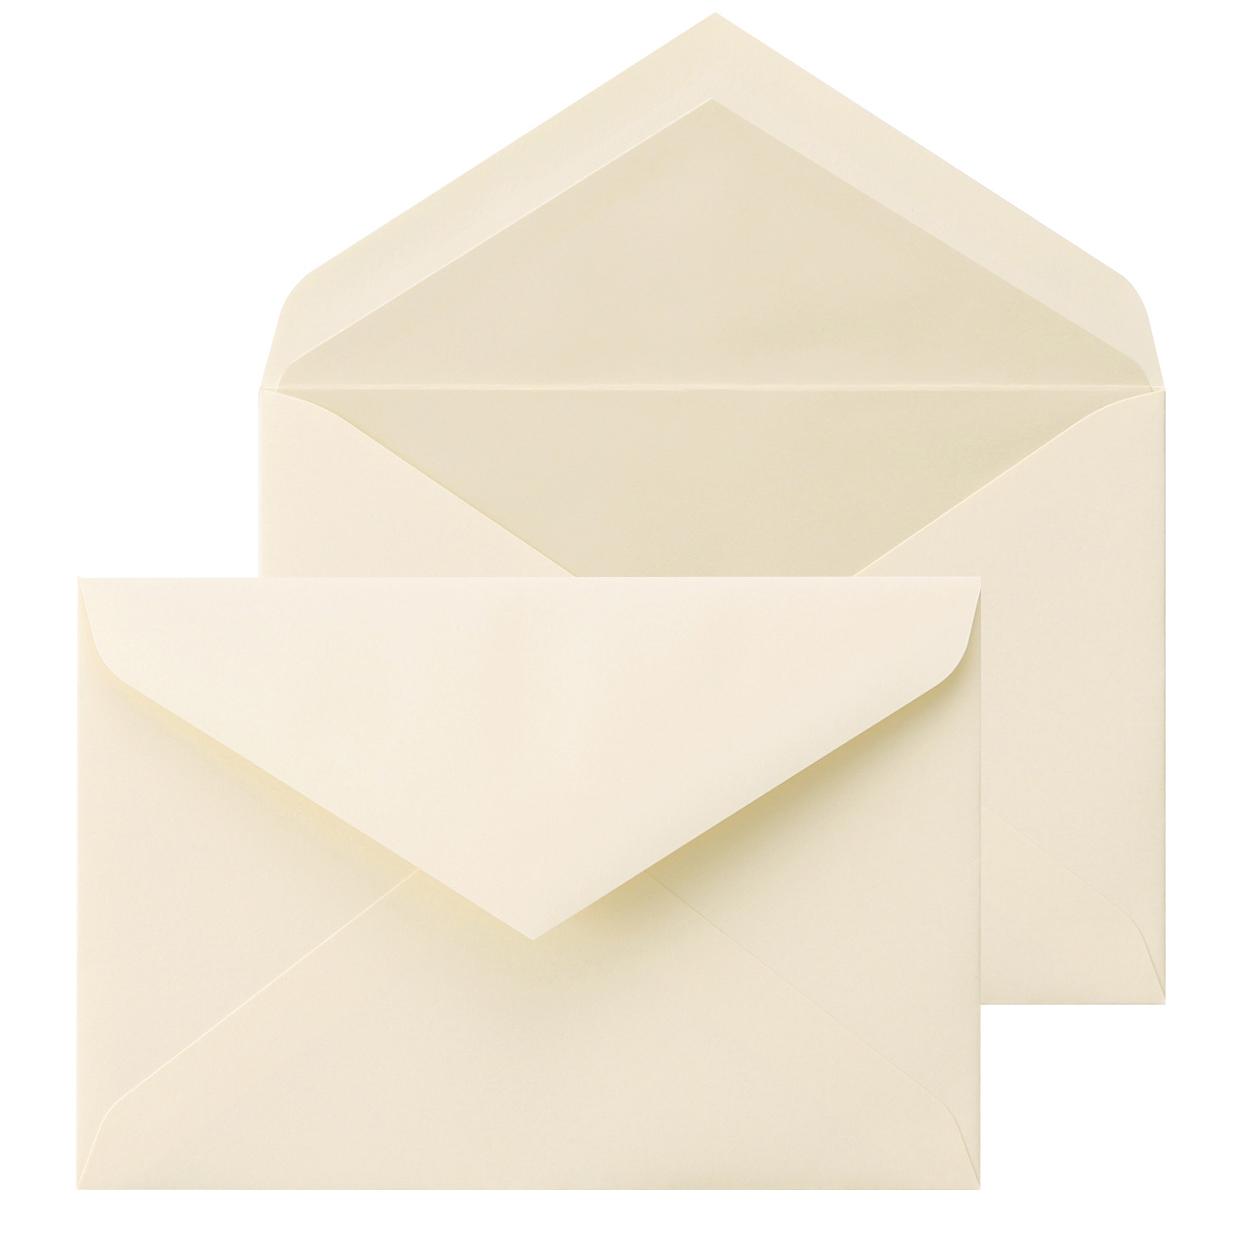 洋1ダイア二重封筒 コットン100% ナチュラル パール 116.3g